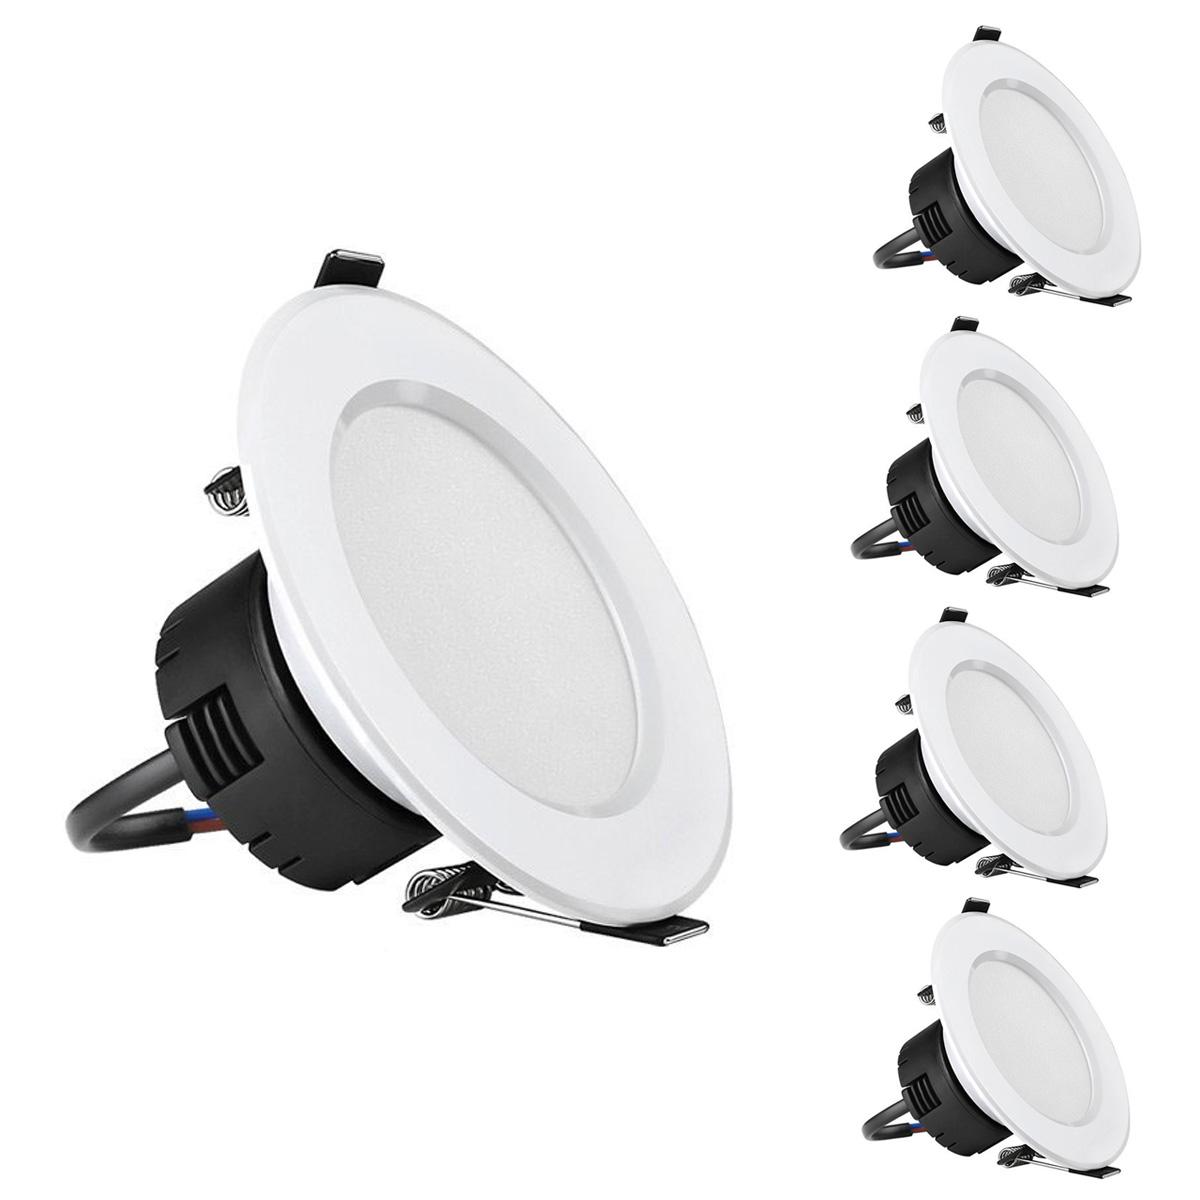 8W LED Einbaustrahler, 400lm, 90mm entspricht 75W Halogenlampe, Warmweiß, 4er Pack